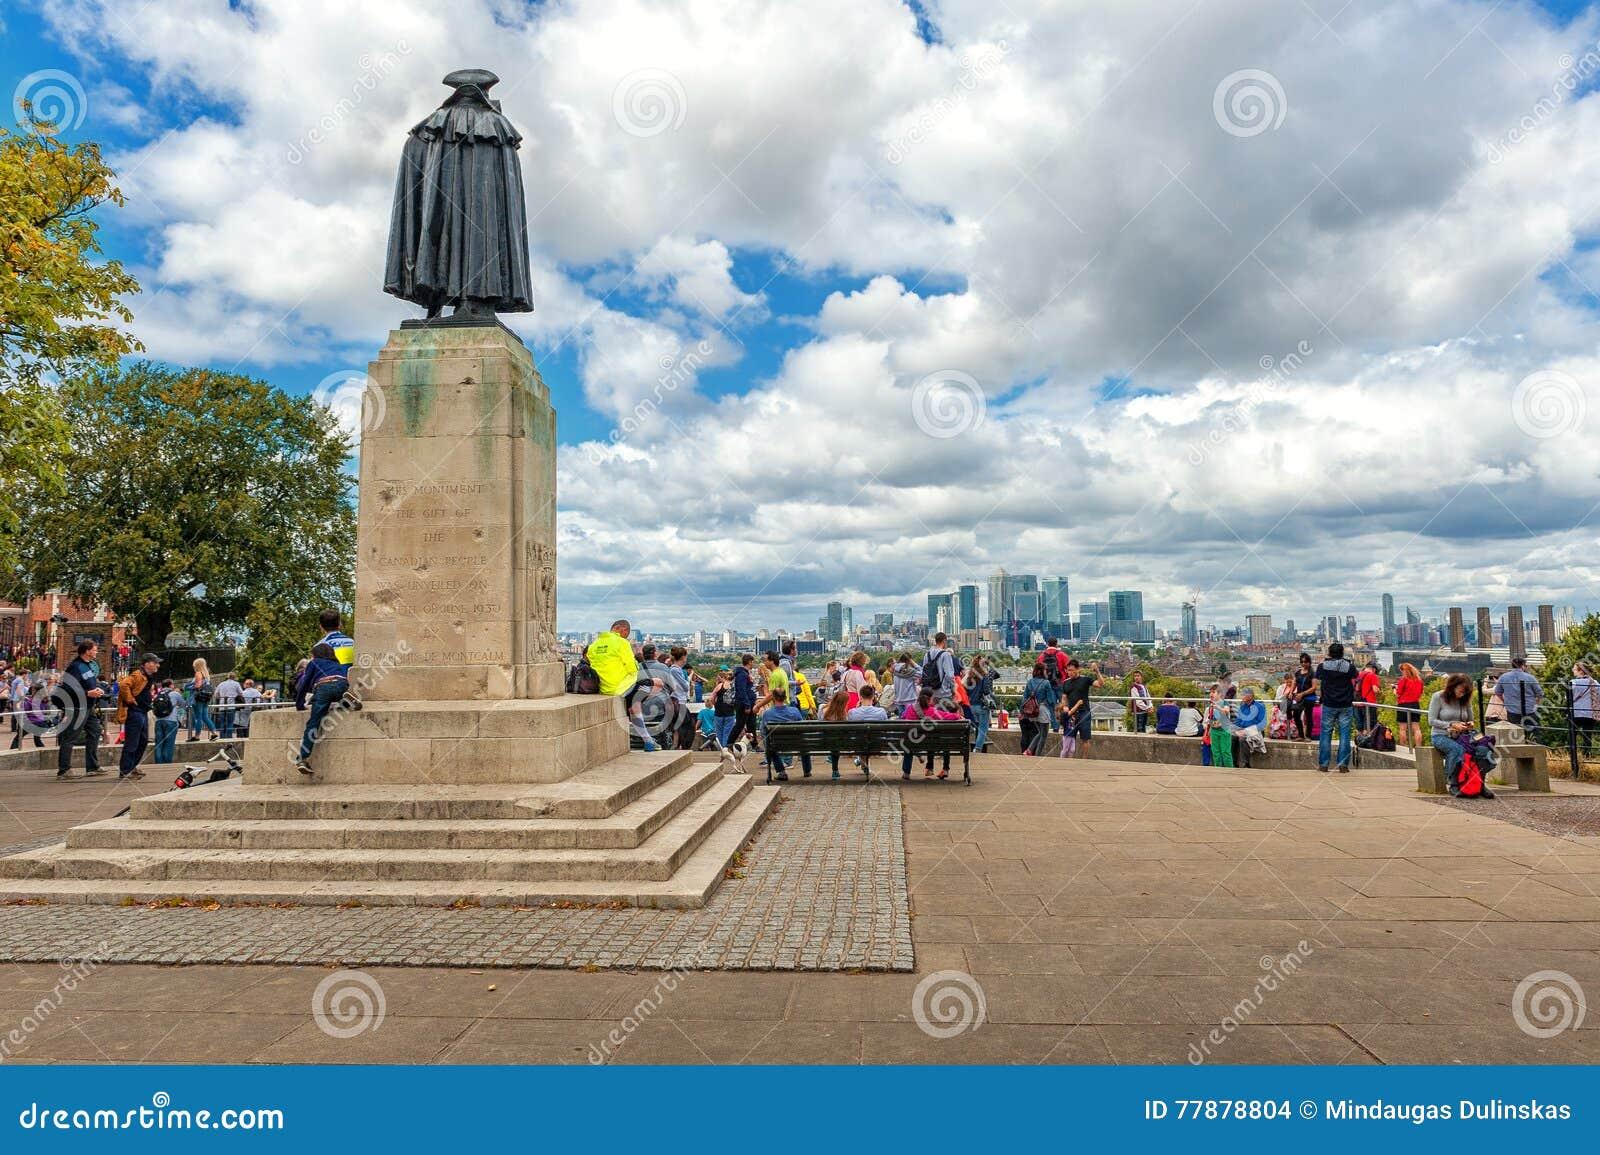 LONDRES, INGLATERRA - 21 DE AGOSTO DE 2016: General James Wolfe Statue Y Gente Alrededor En El Parque De Greewich Imagen de archivo editorial